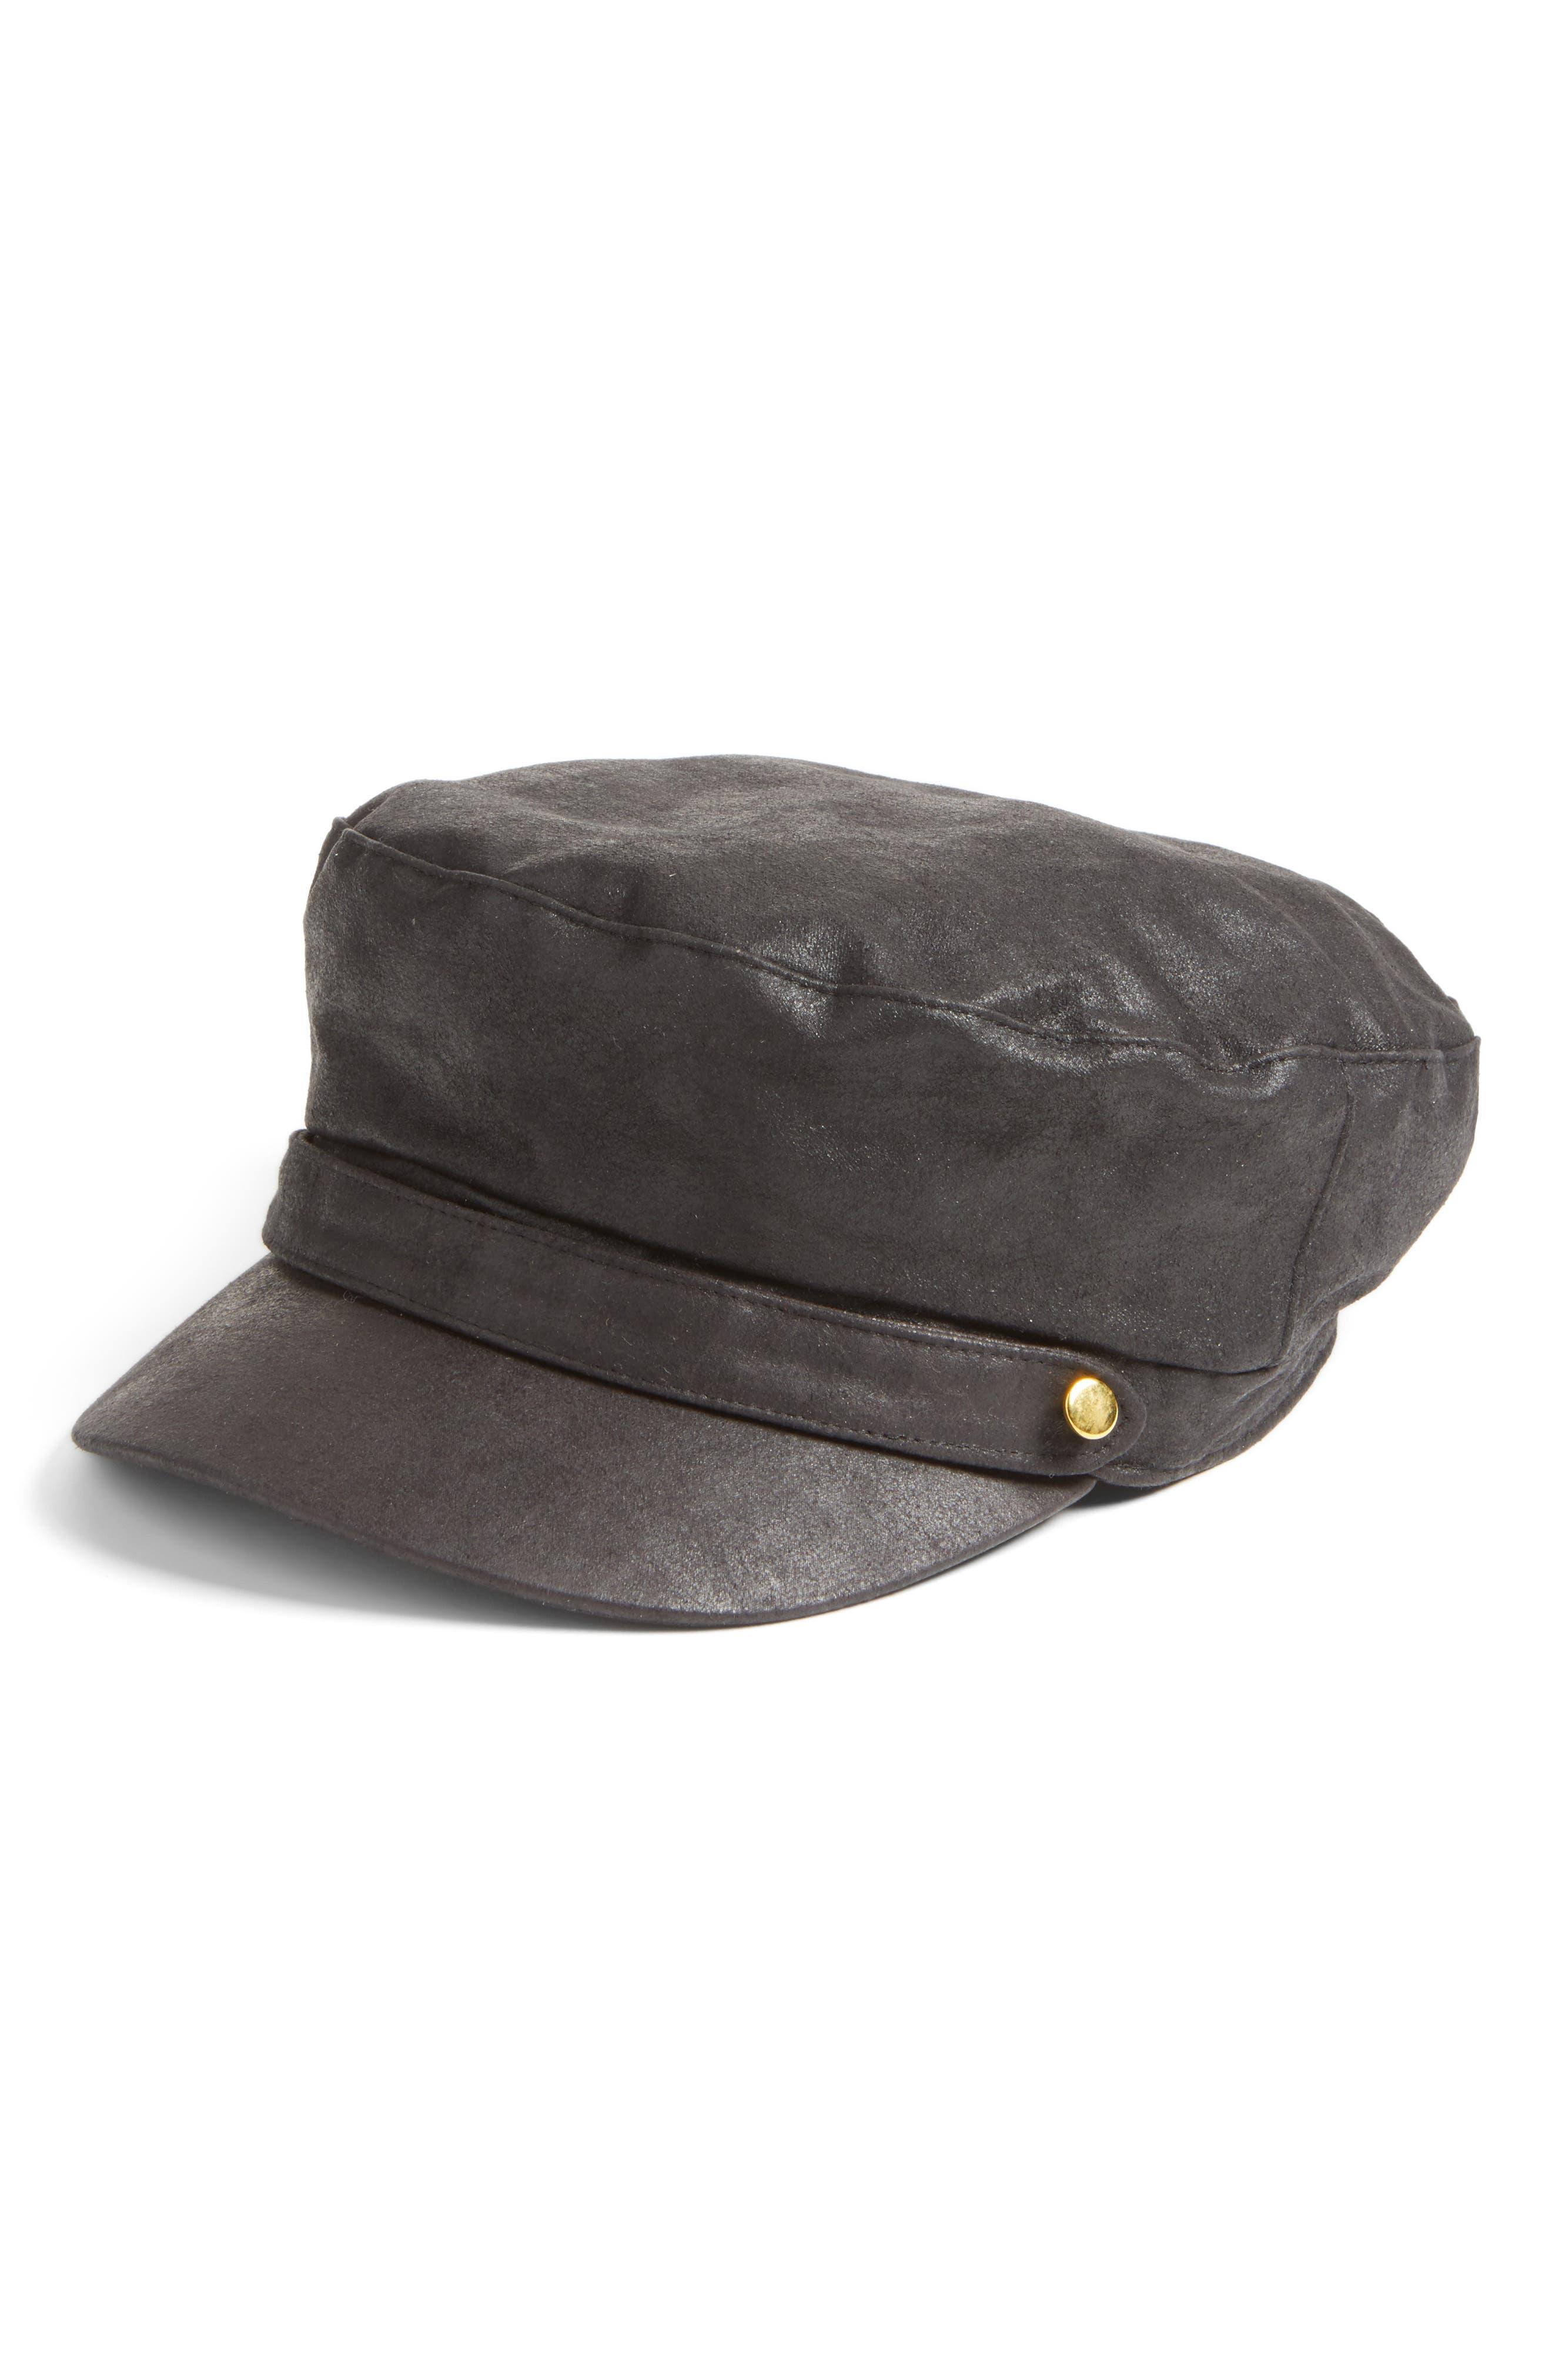 Lieutenant Cap,                         Main,                         color, 001